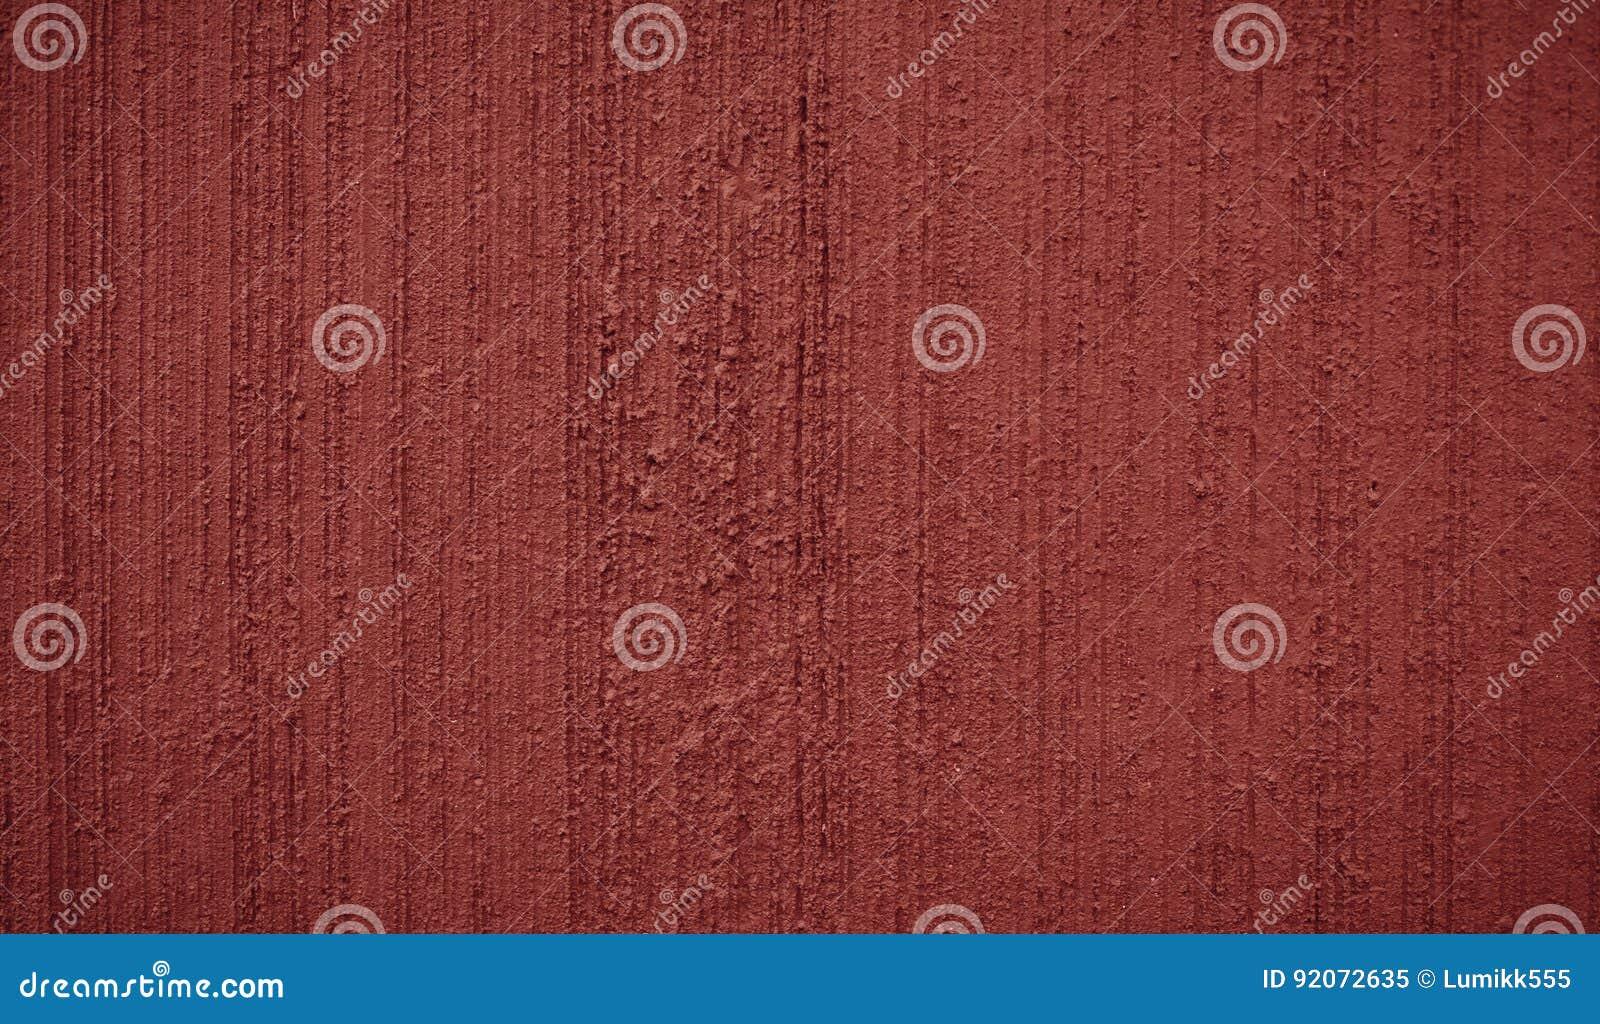 Fundo pintado do Grunge terracota decorativa